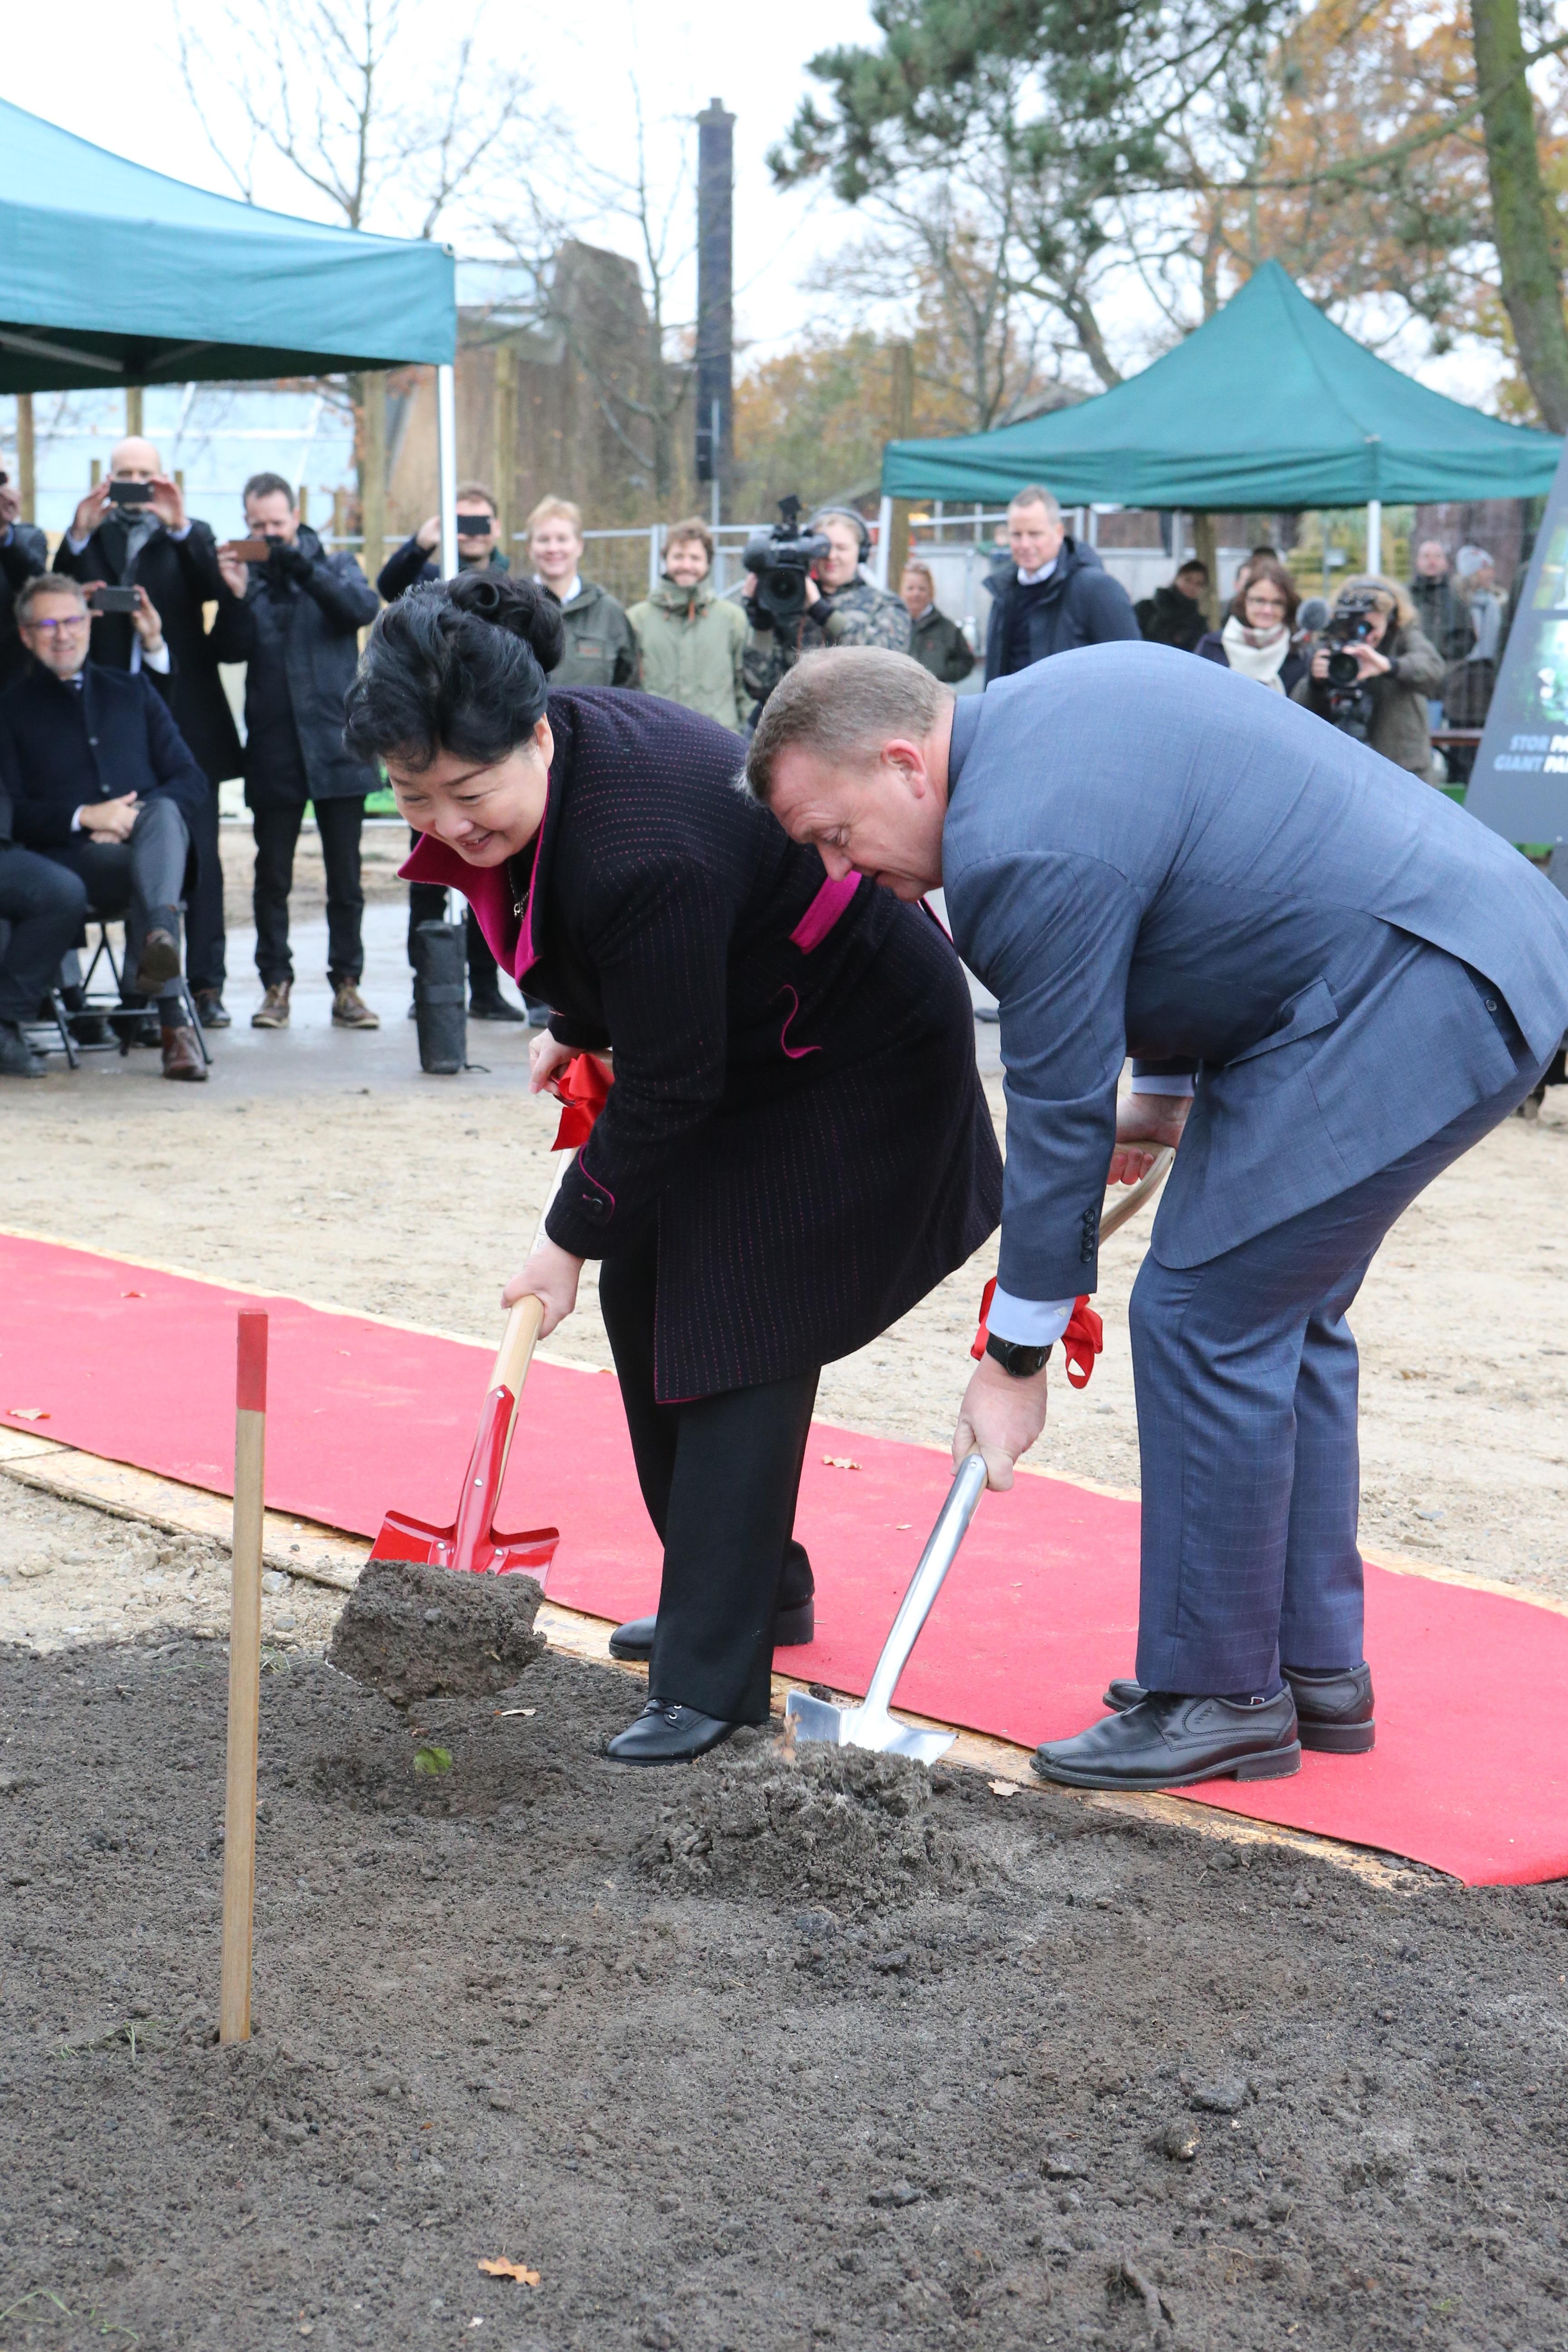 Statsminister Lars Løkke Rasmussen og Kinas ambassadør Deng Ying tager første spadestik